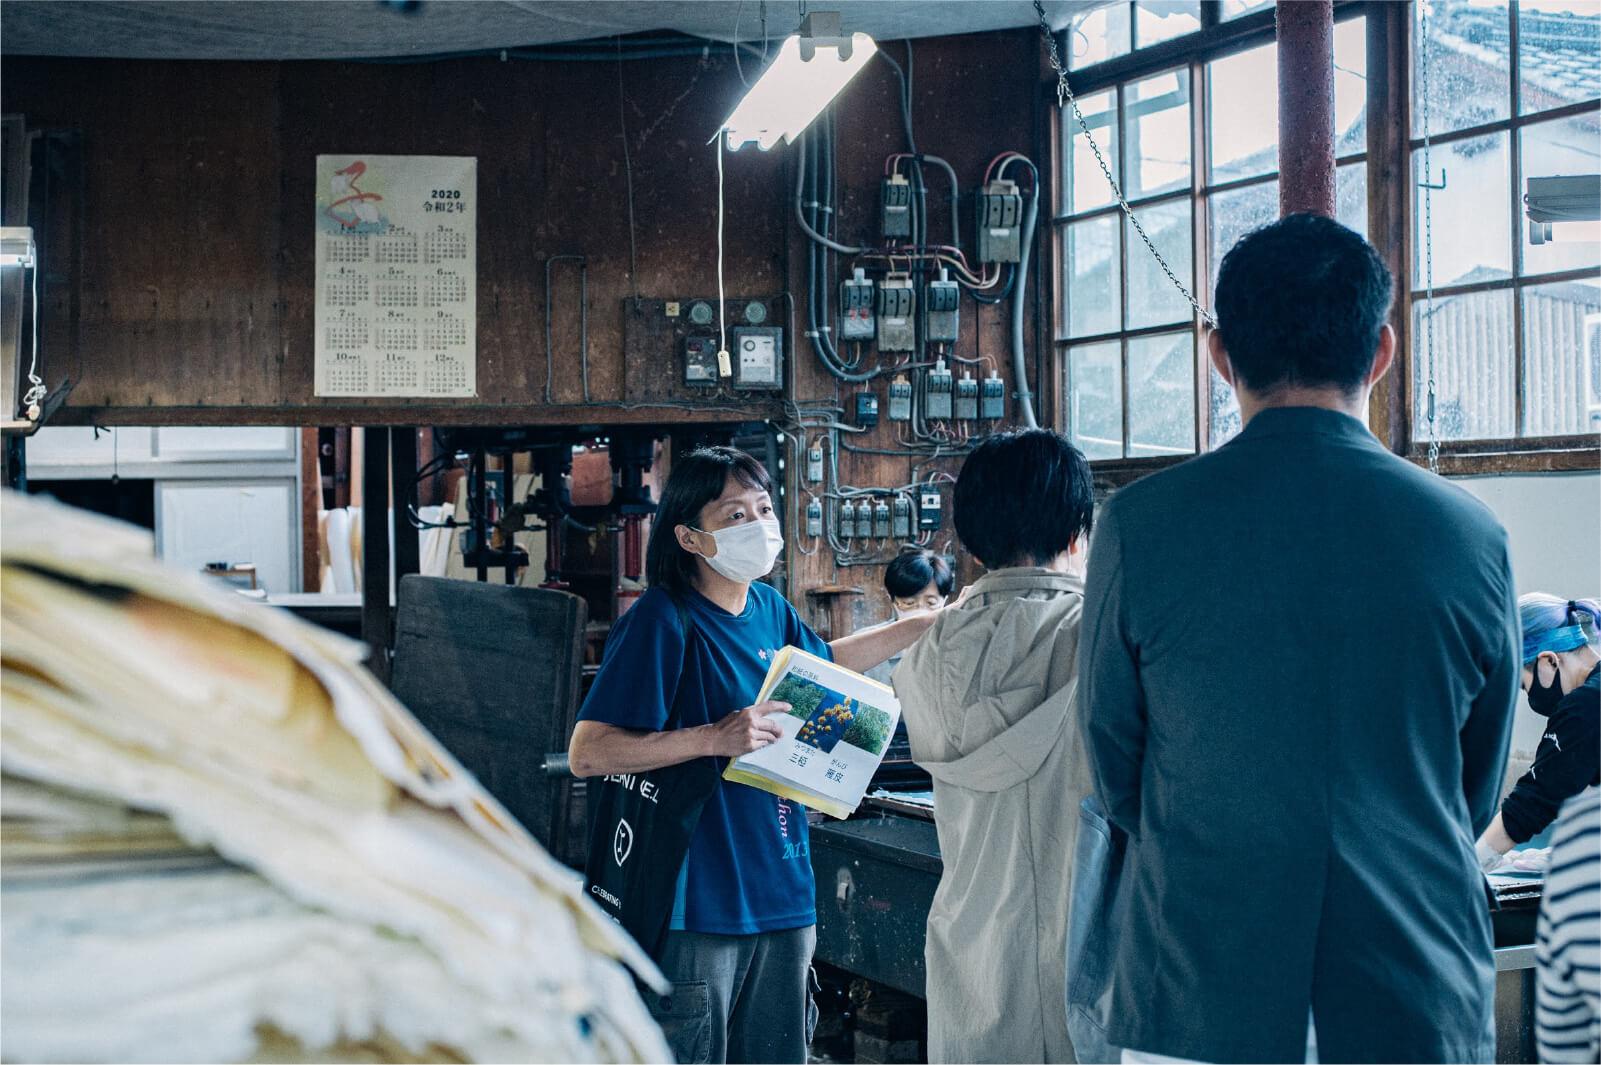 TOURISTOREの取り組みおよび、鯖江のものづくり企業への視察を受け入れています。